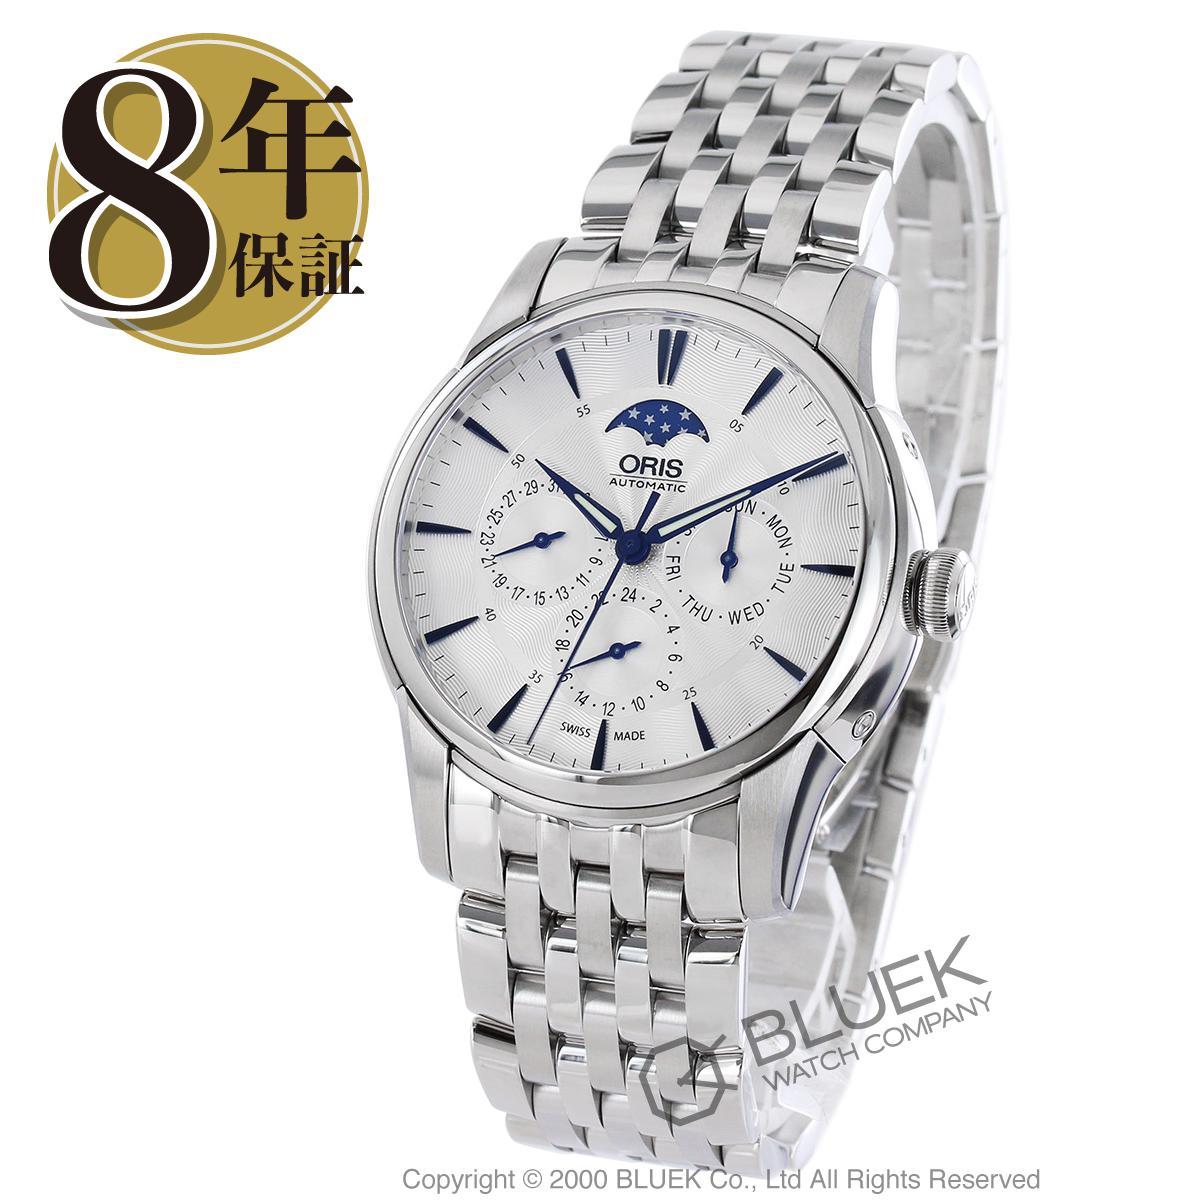 オリス アートリエ コンプリケーション ムーンフェイズ 腕時計 メンズ ORIS 781 7703 4031M_8